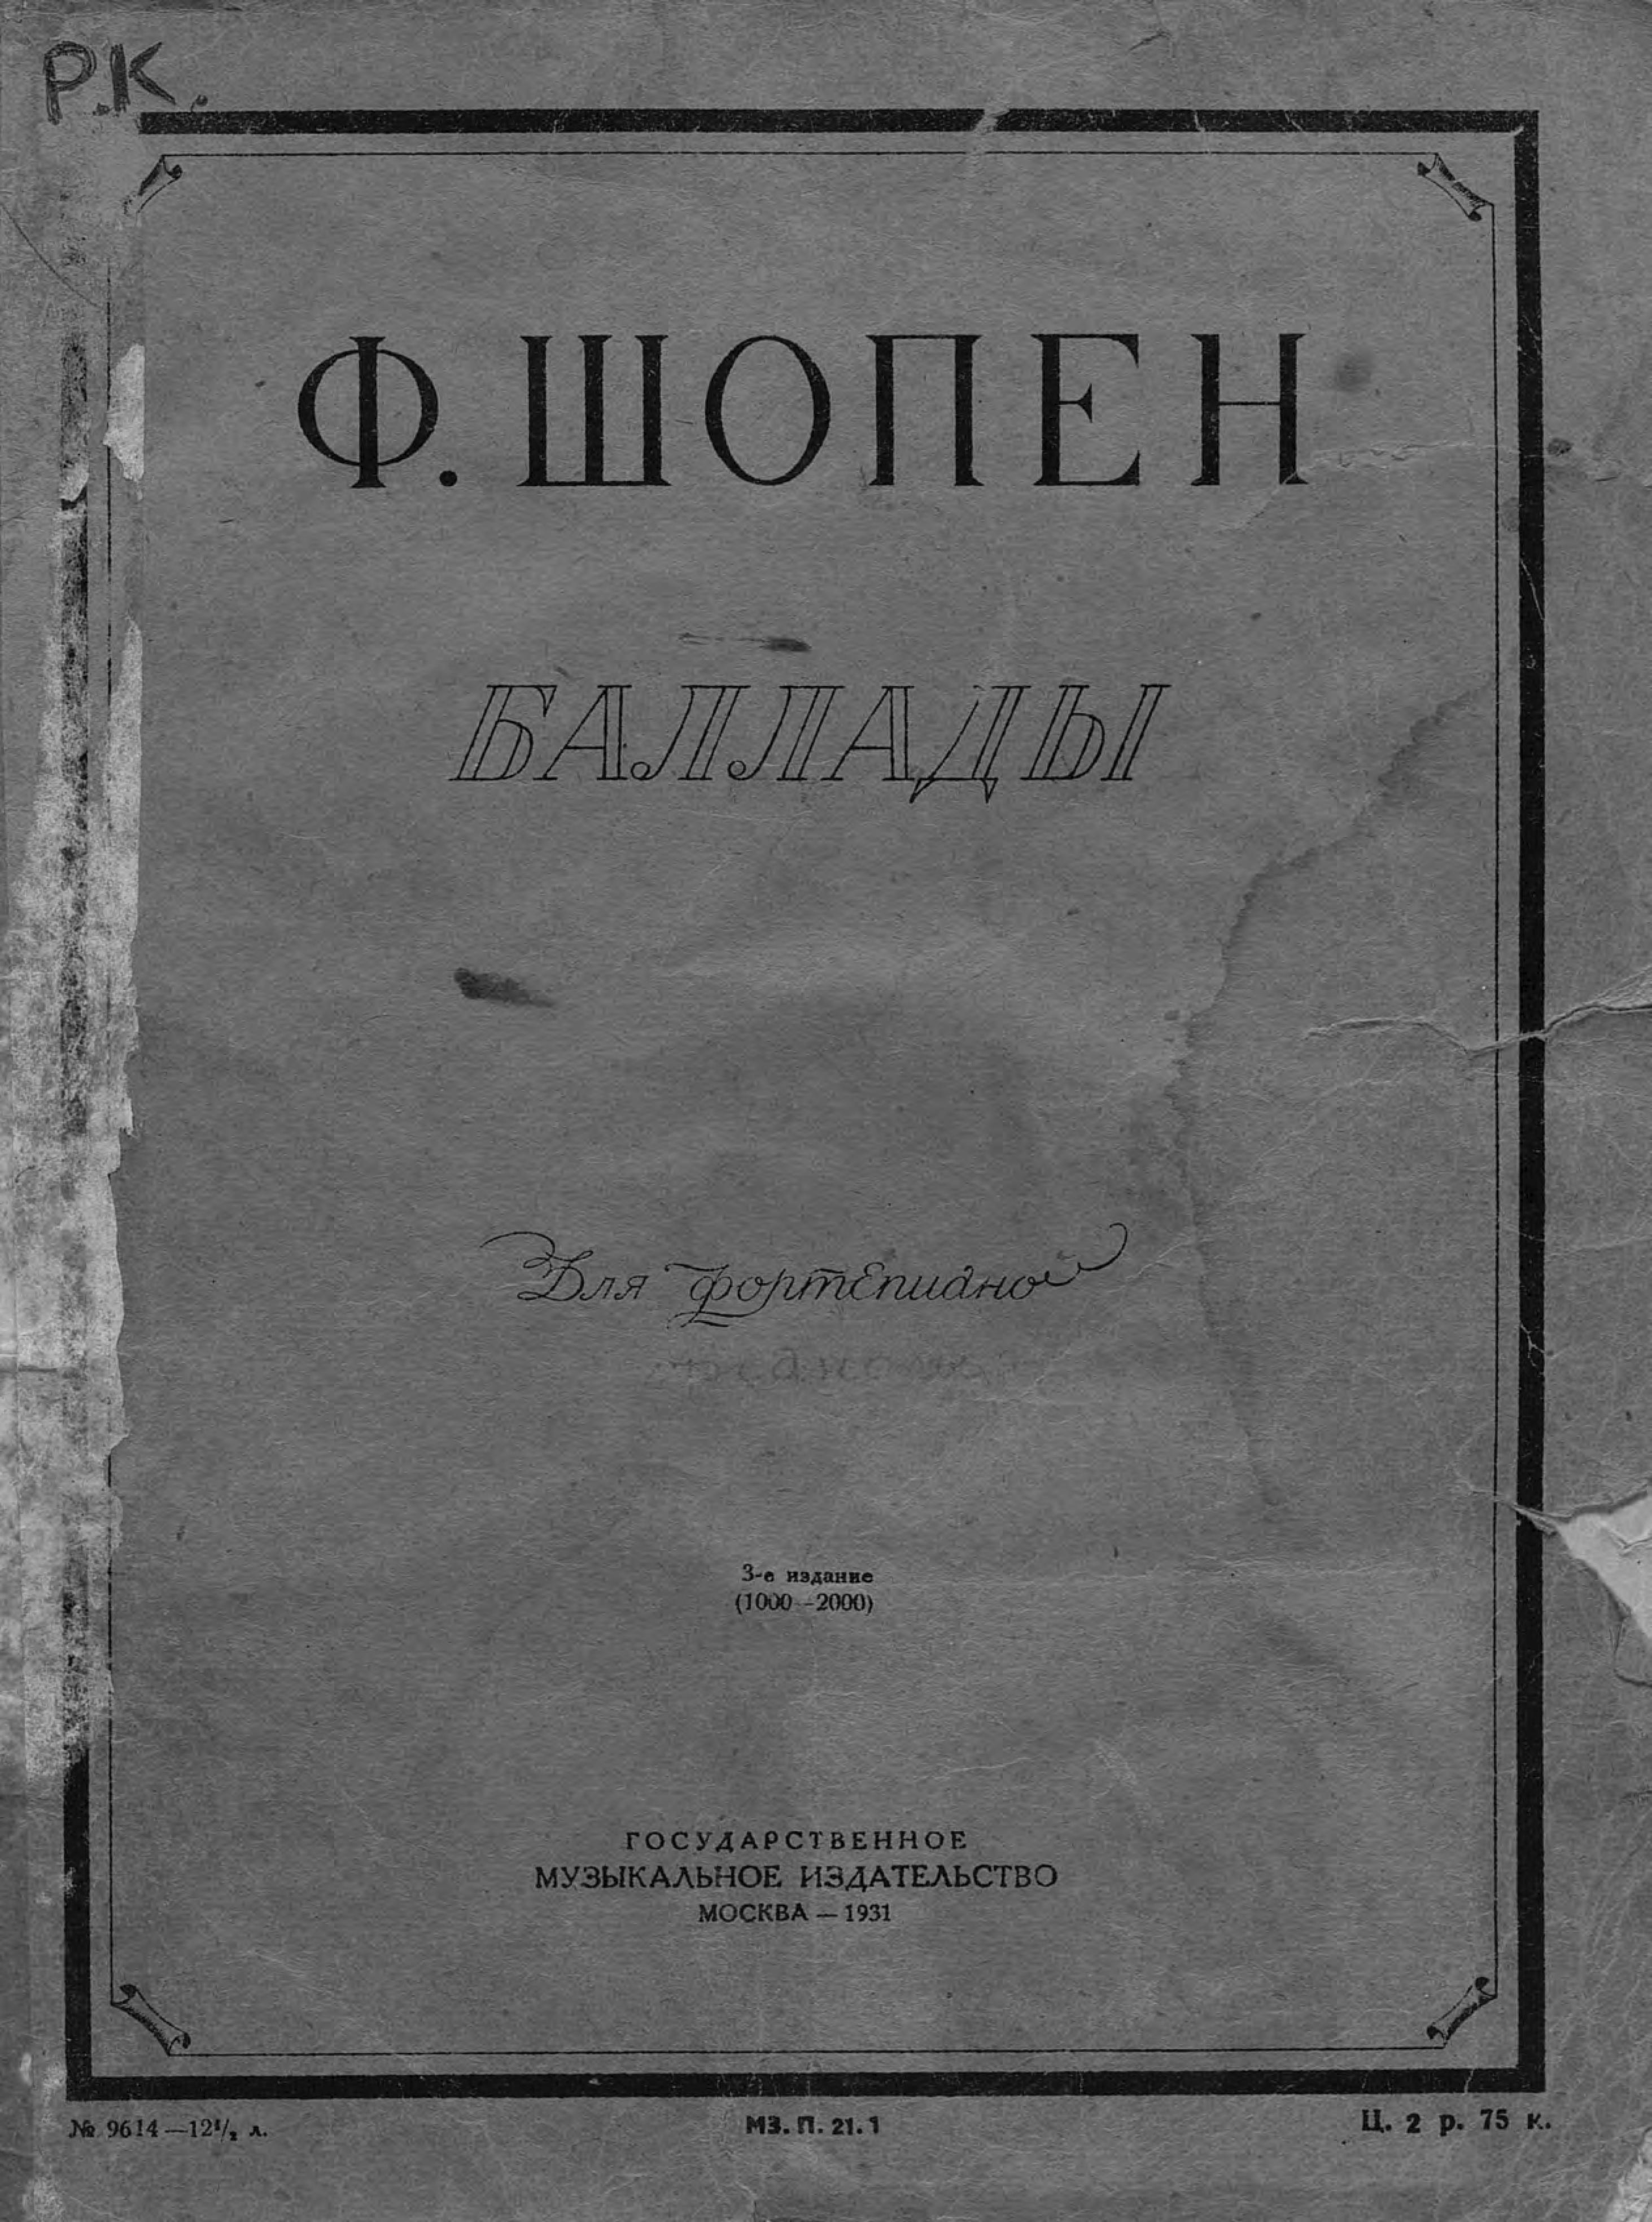 Фредерик Шопен Четыре баллады для фортепиано фридерик шопен ф шопен песни для голоса и фортепиано